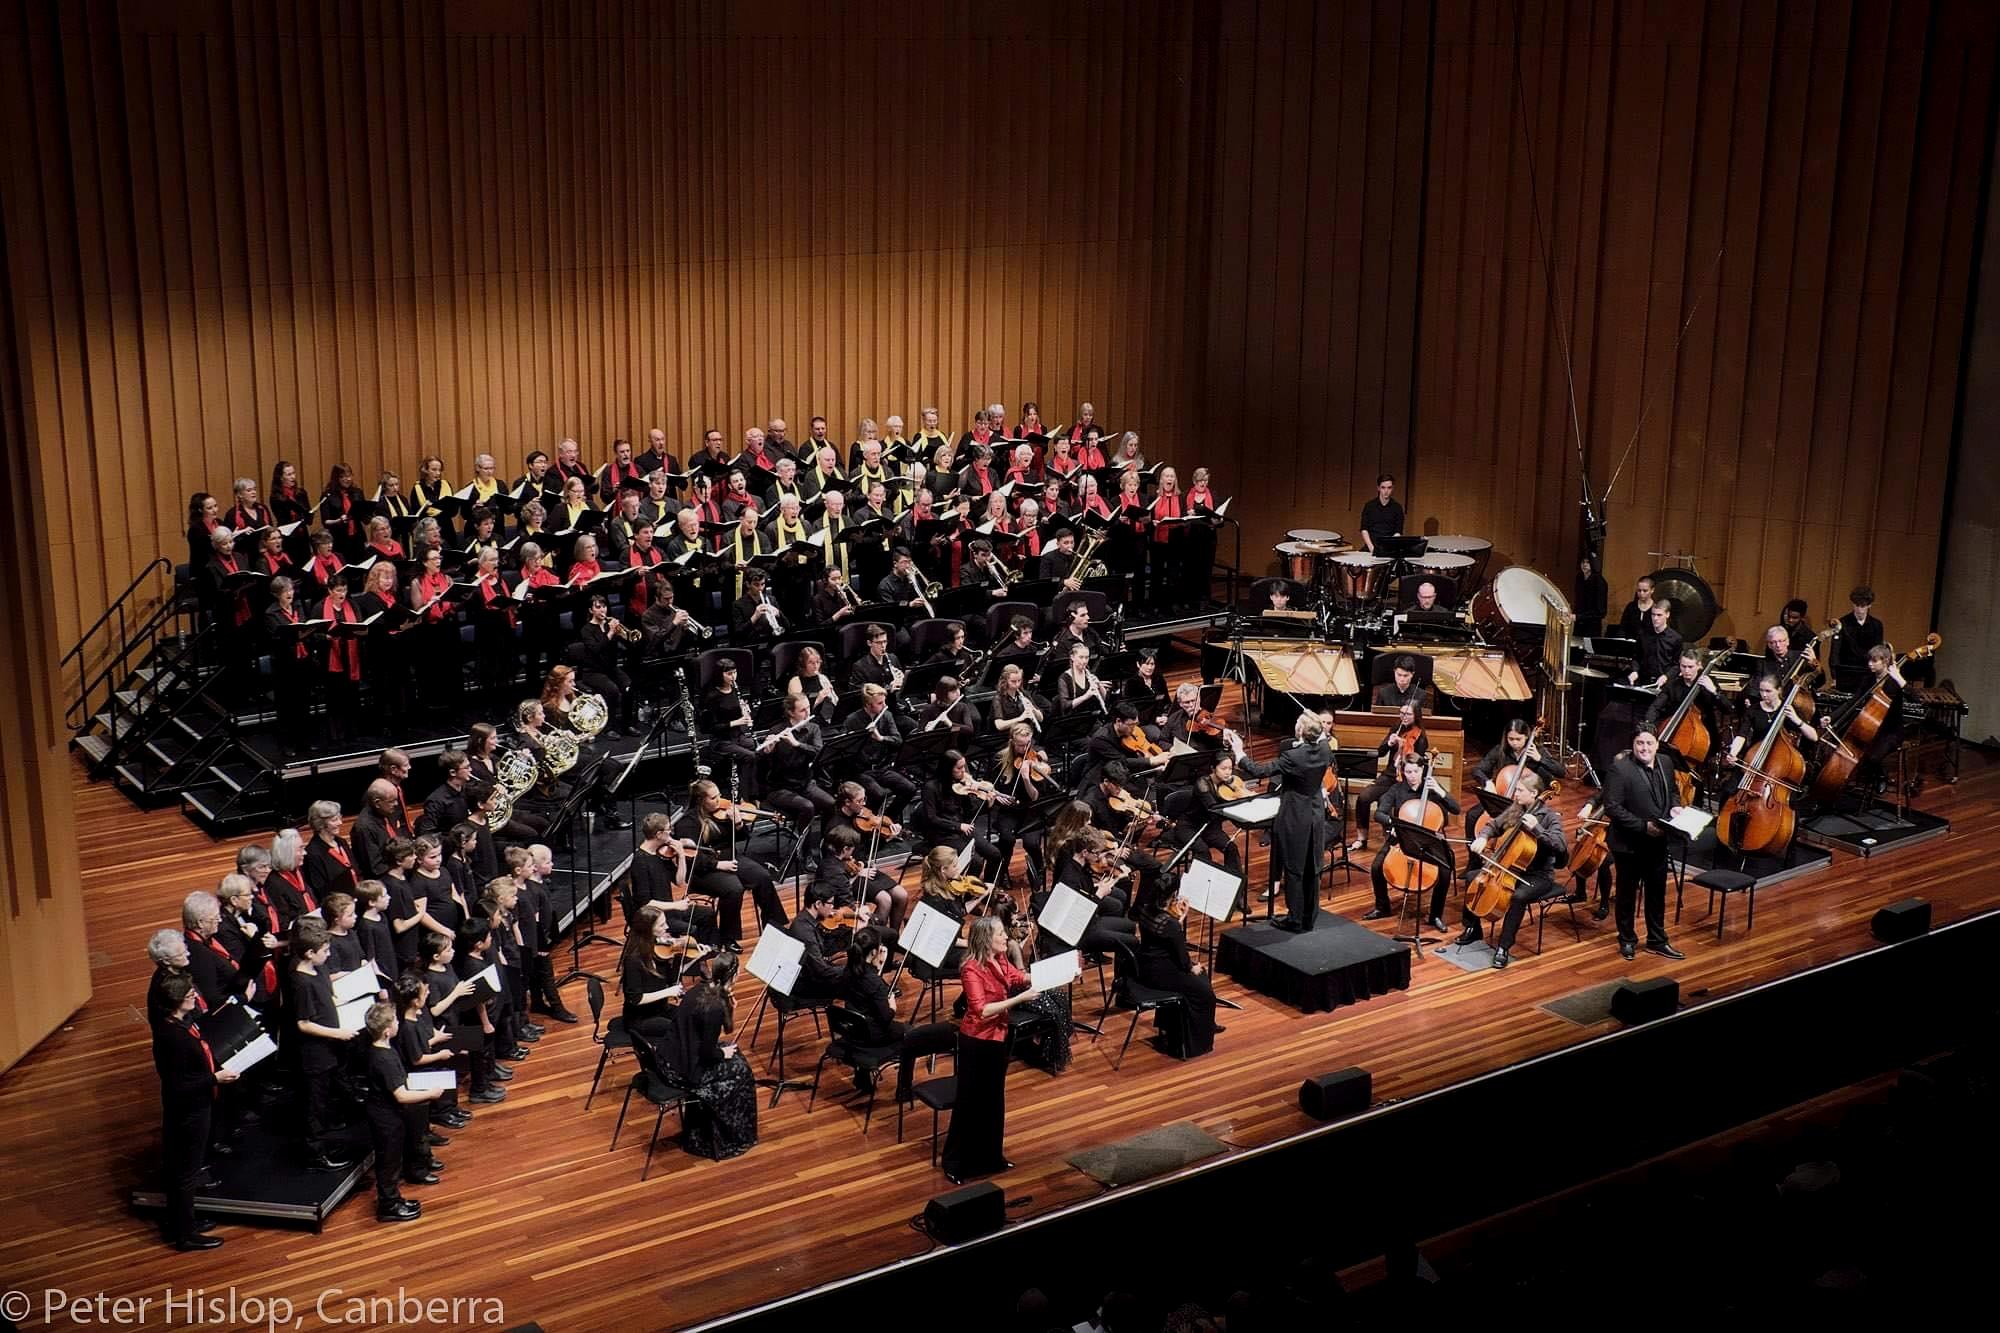 Carmina Burana - Canberra Youth Orchestra / June 2019